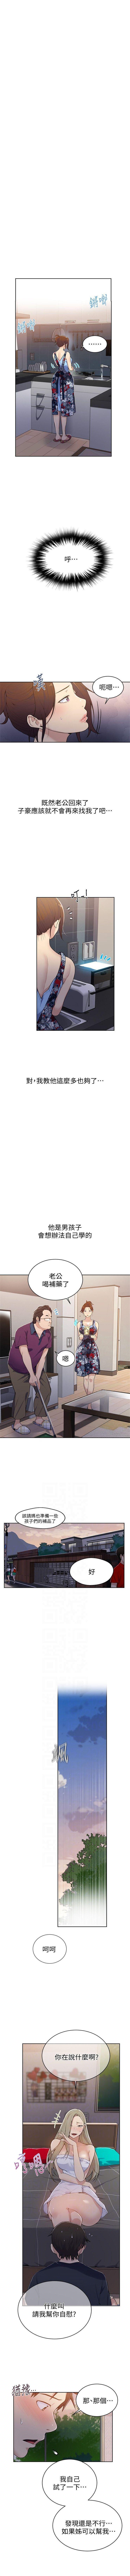 秘密教學  1-50 官方中文(連載中) 58